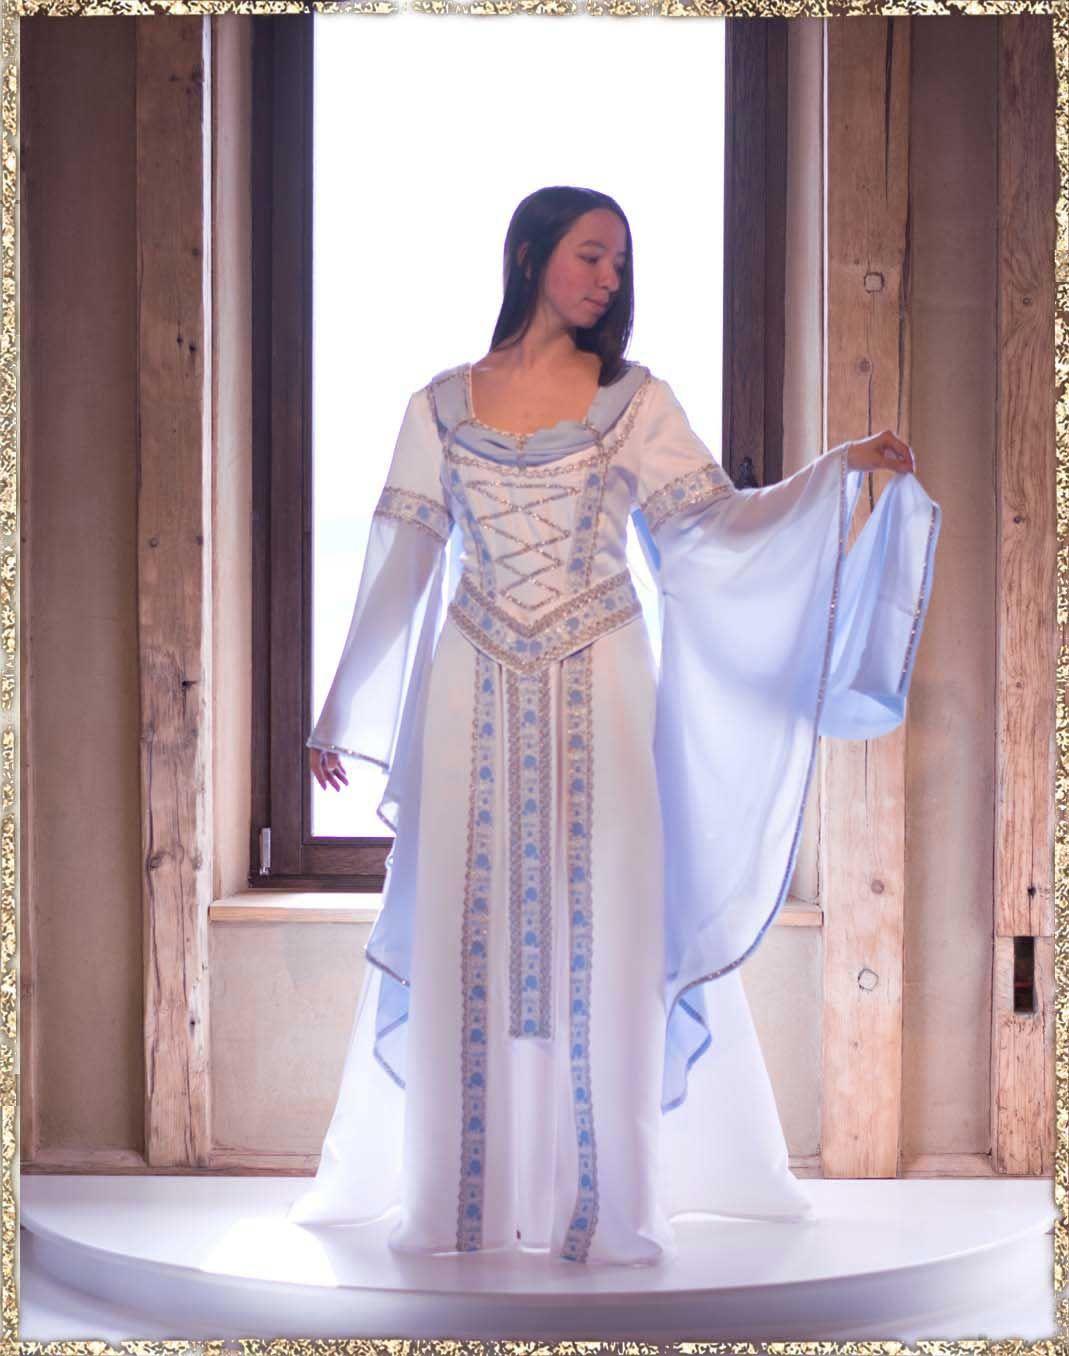 Schalkleid Gwelwen | Schalkleid, Kleider, Mittelalter